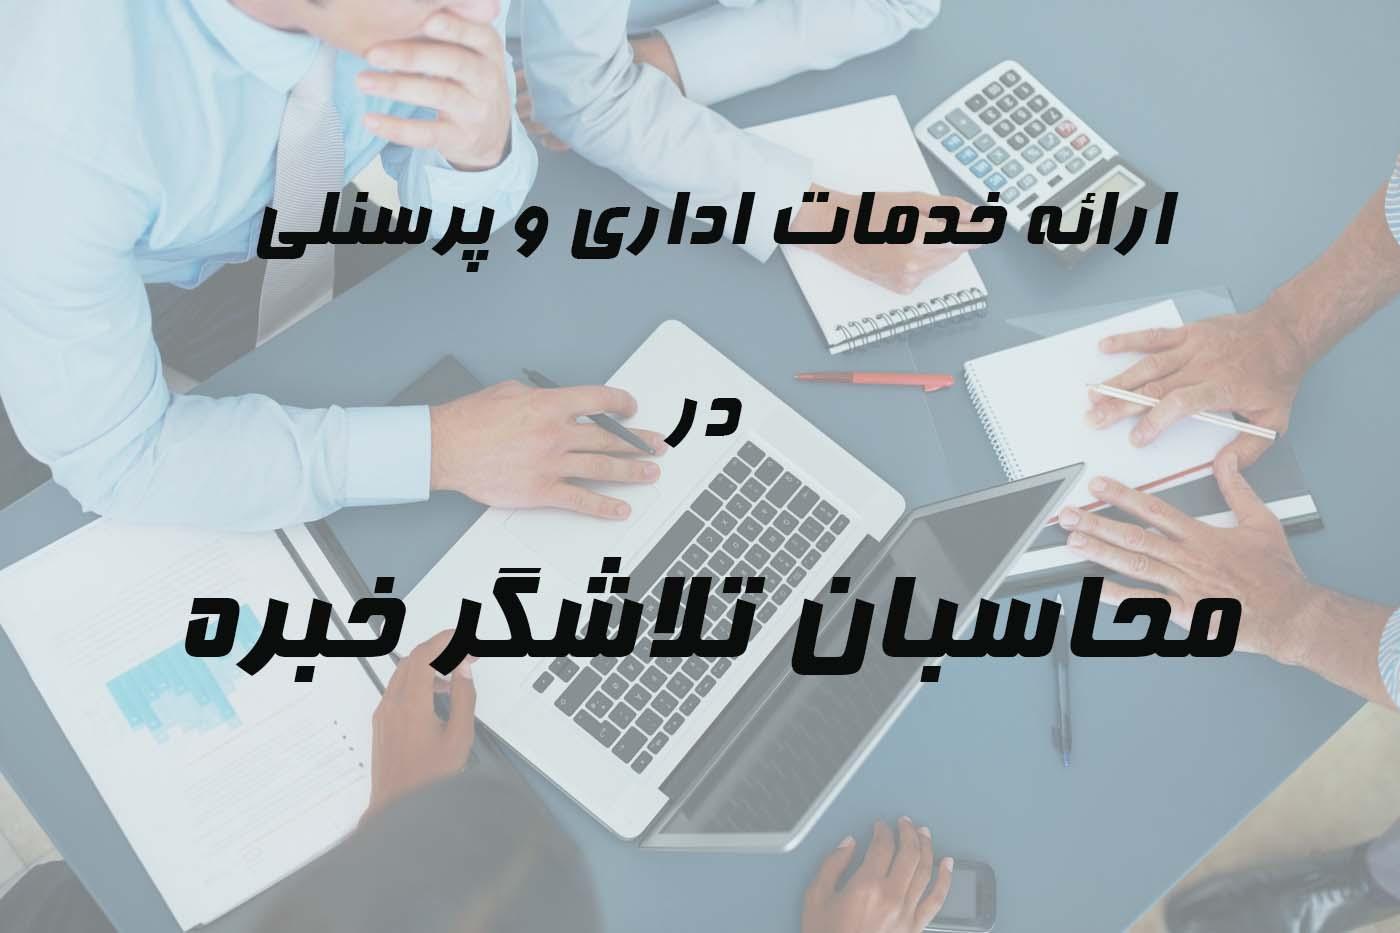 خدمات حسابداری اداری پرسنلی